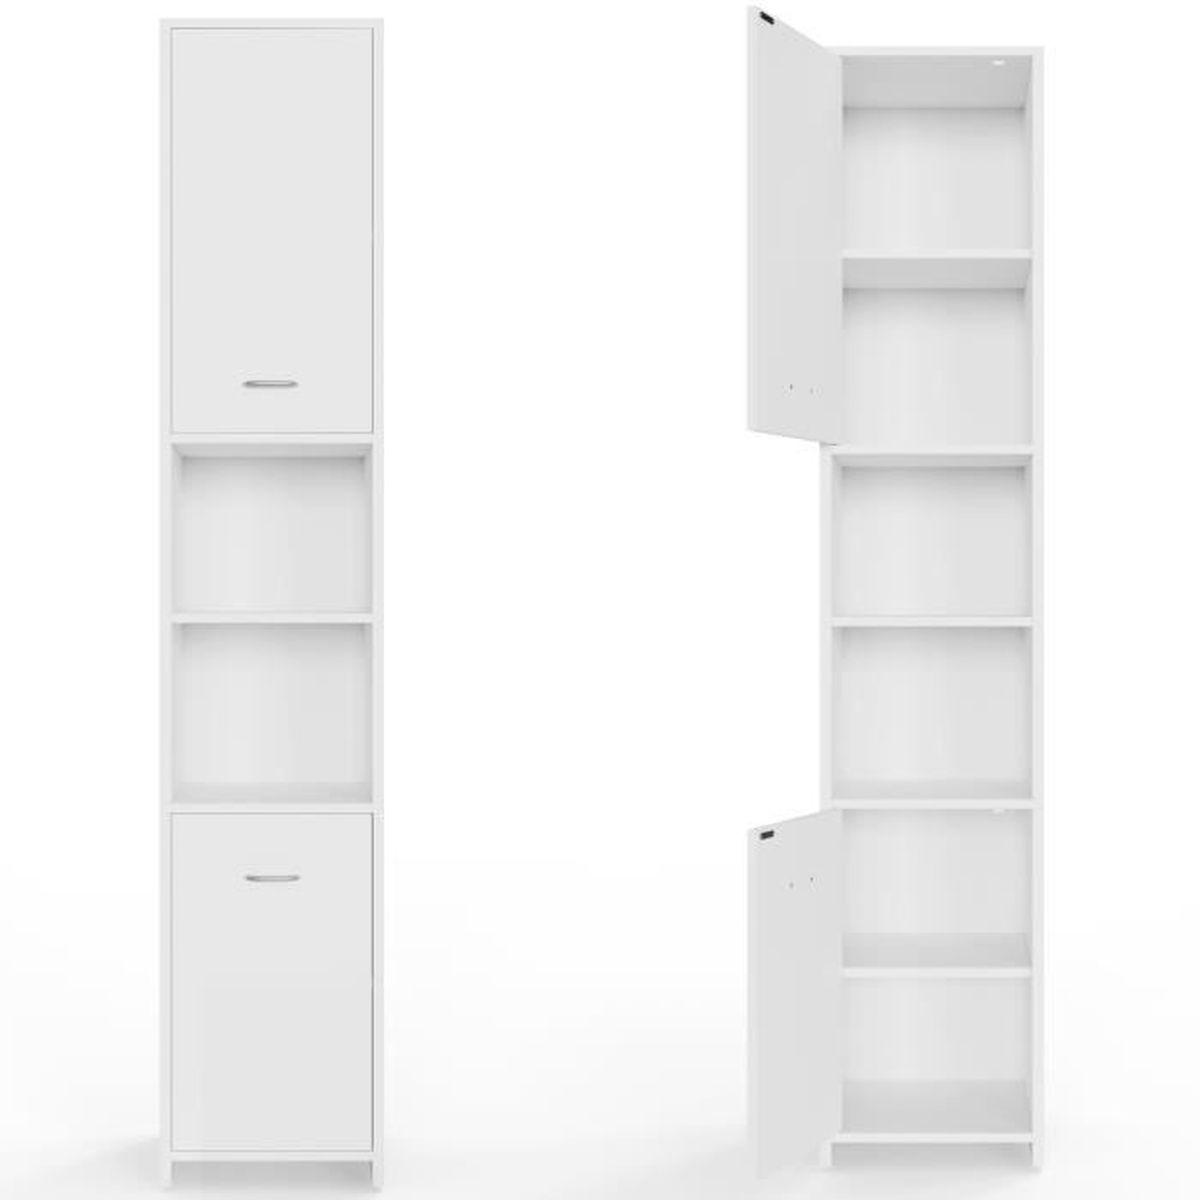 Meuble Cuisine Ikea Vide Sanitaire etagere colonne rangements